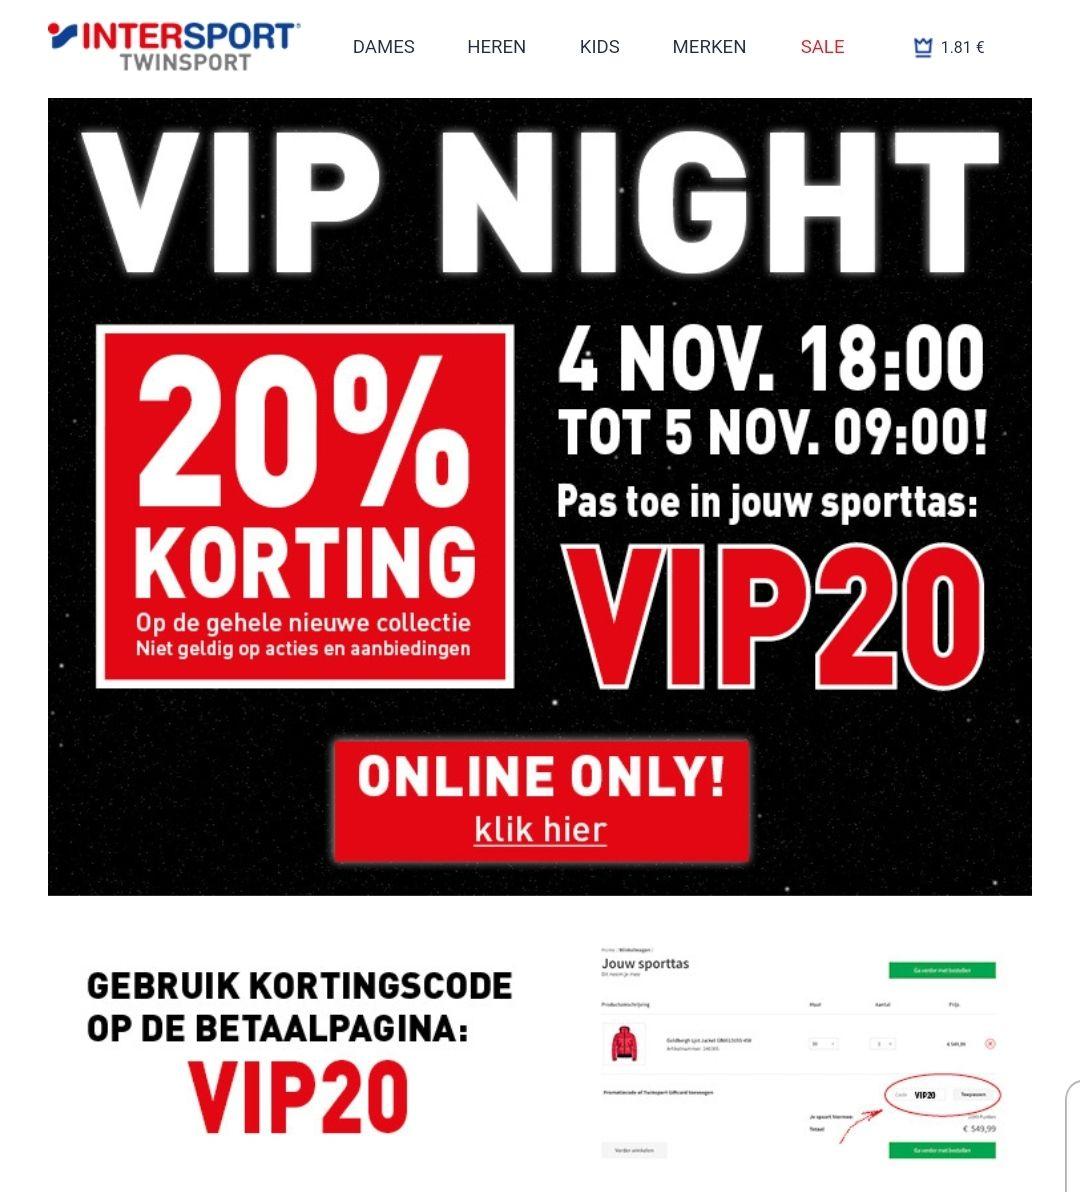 VIP night bij Intersport (alleen online)